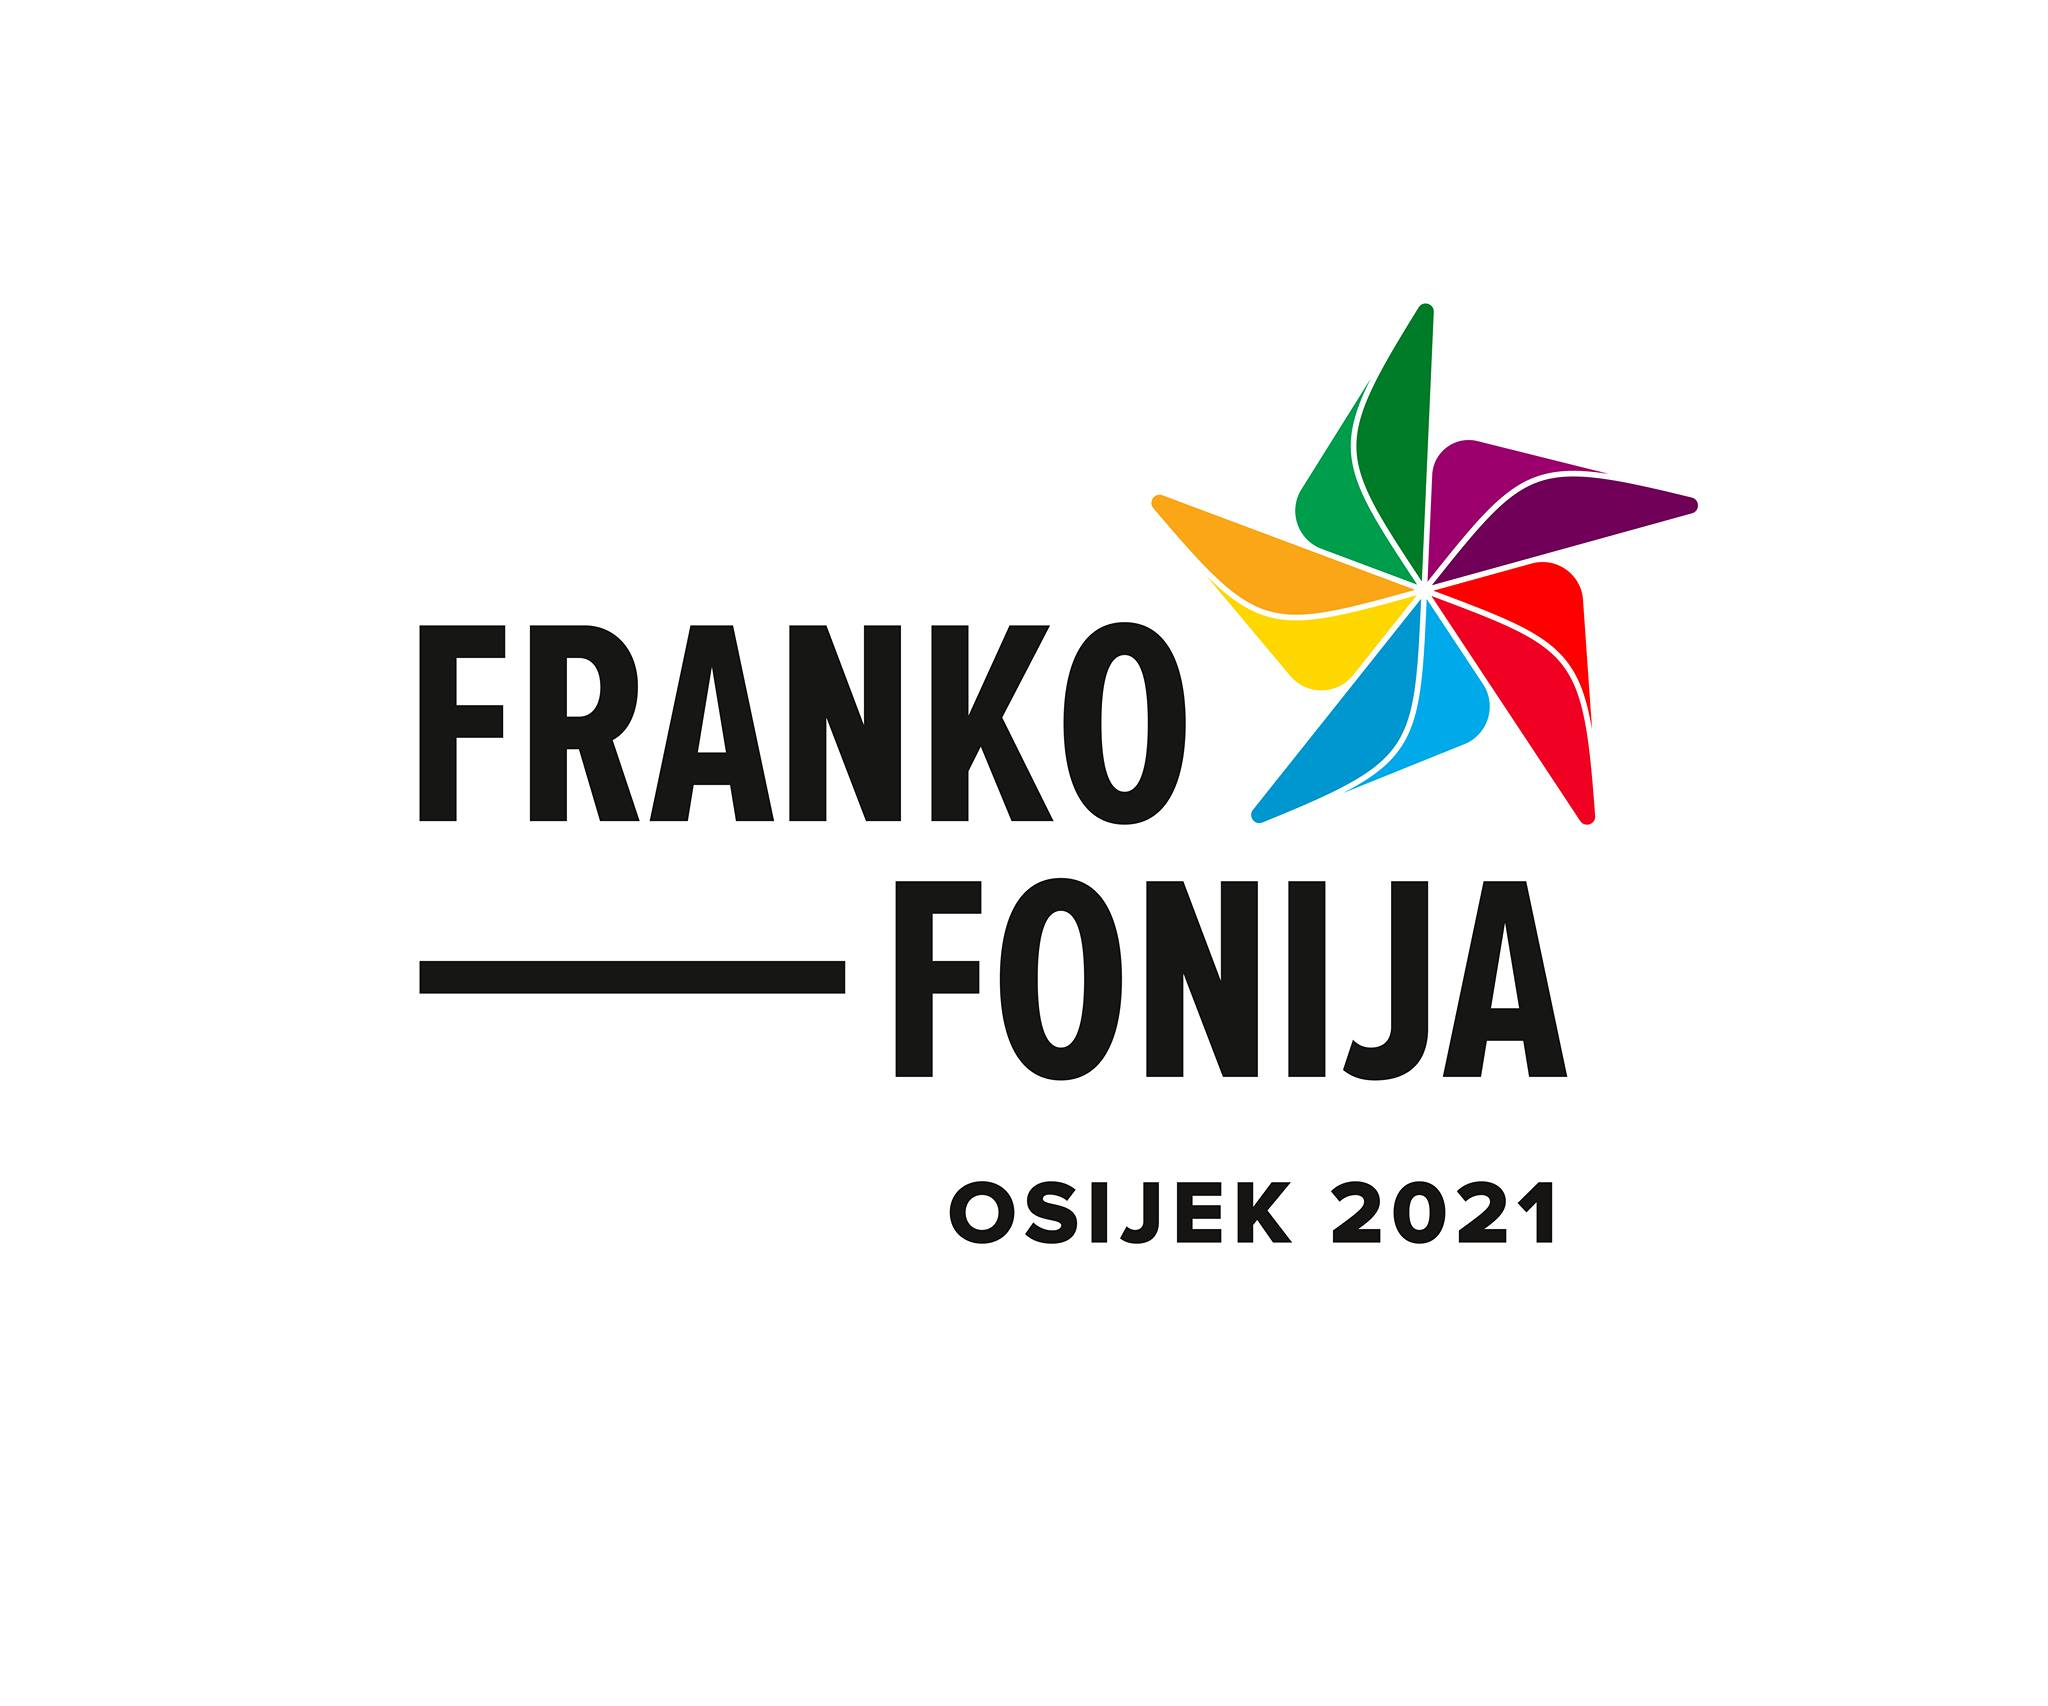 Frankofonija u Osijeku